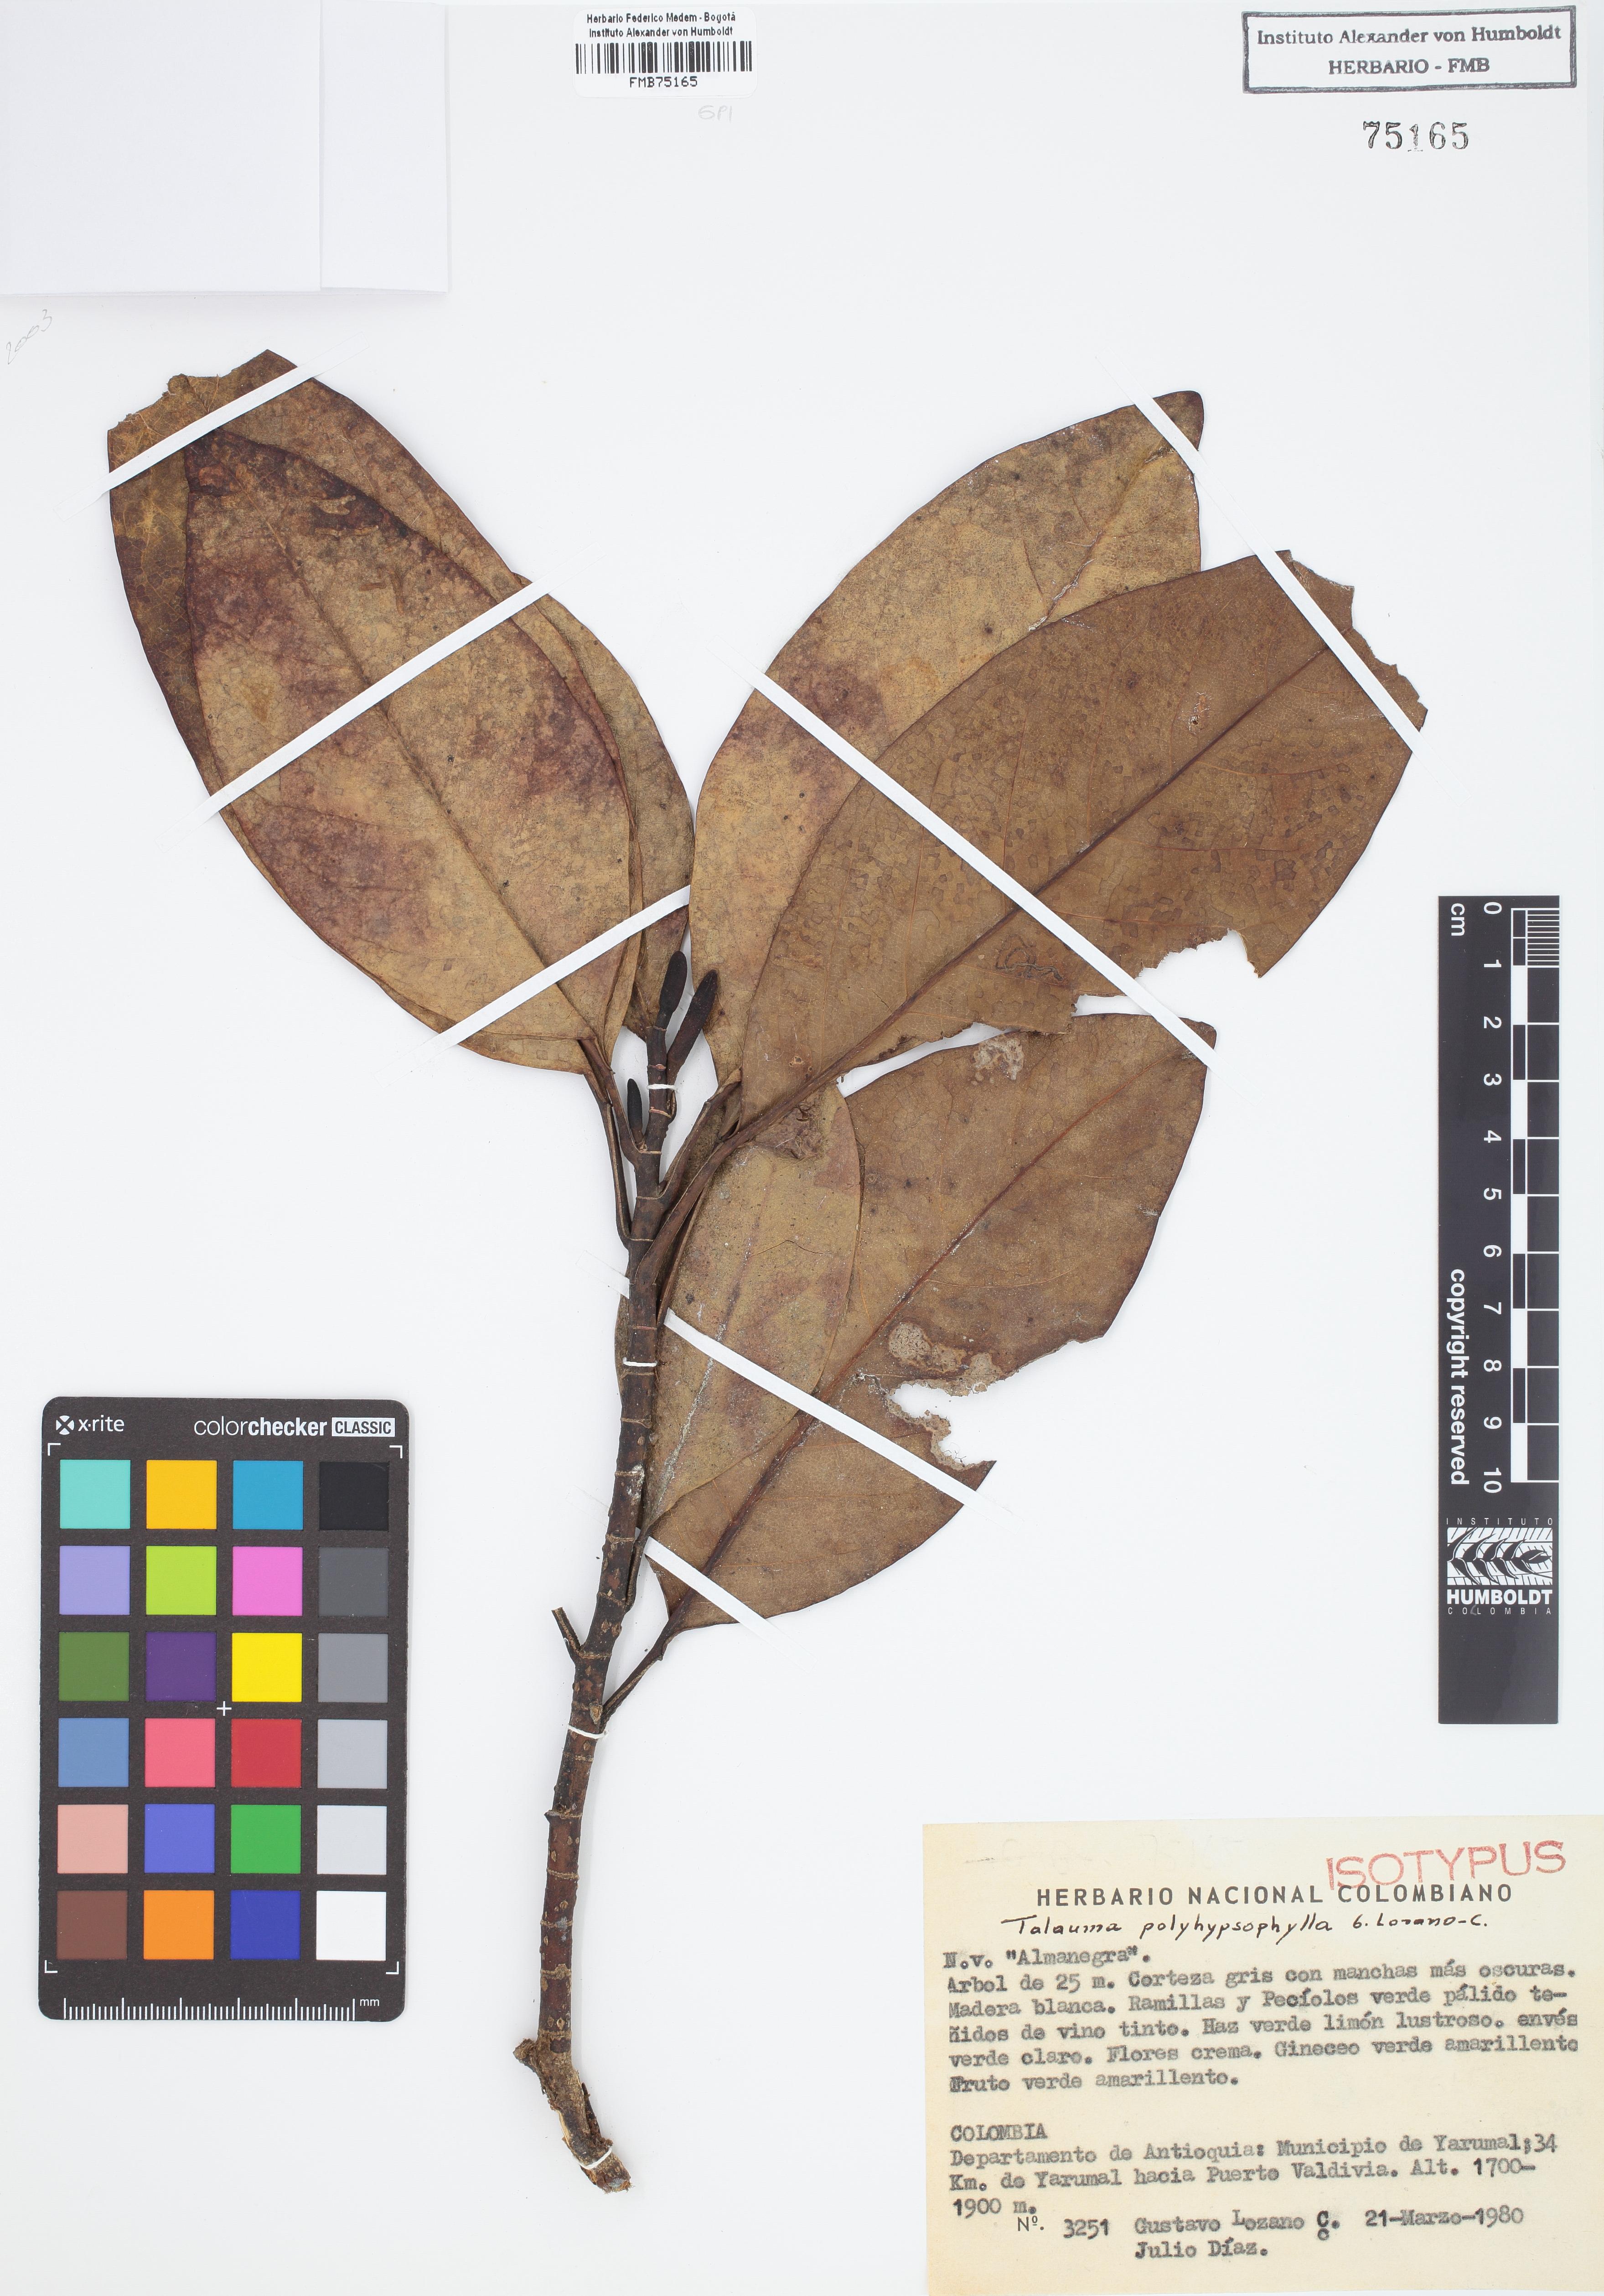 Isotipo de <em>Talauma polyhypsophylla</em>, FMB-75165, Fotografía por Robles A.